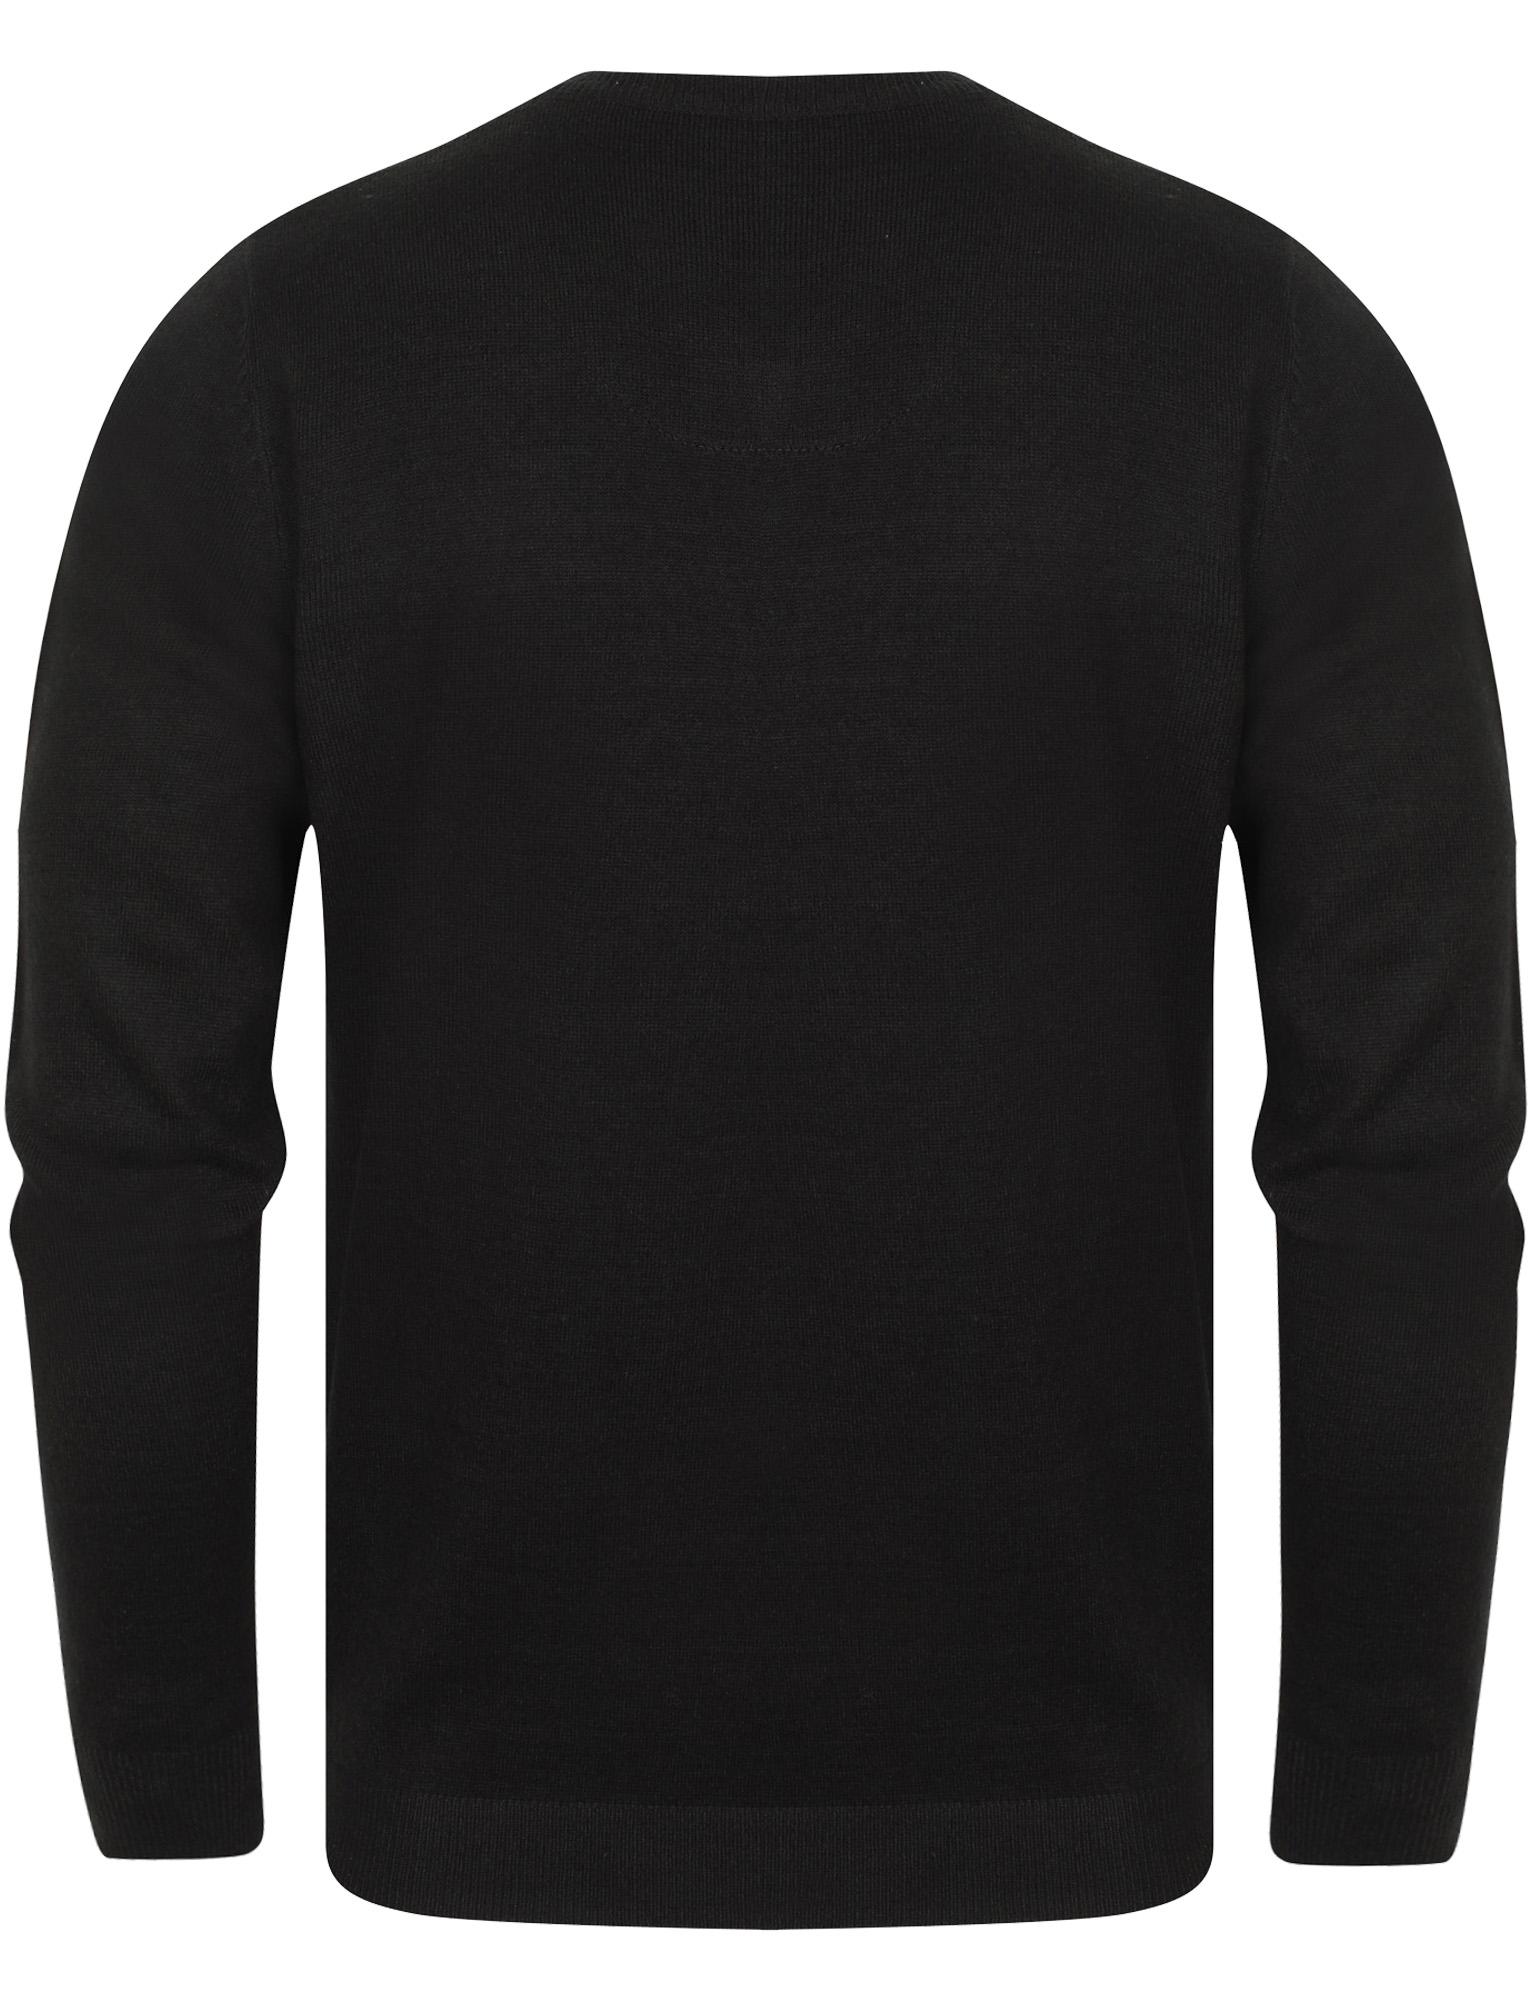 Kensington-Eastside-Men-039-s-Wool-Blend-Knitted-Crew-or-V-Neck-Jumper-Sweater-Top thumbnail 43